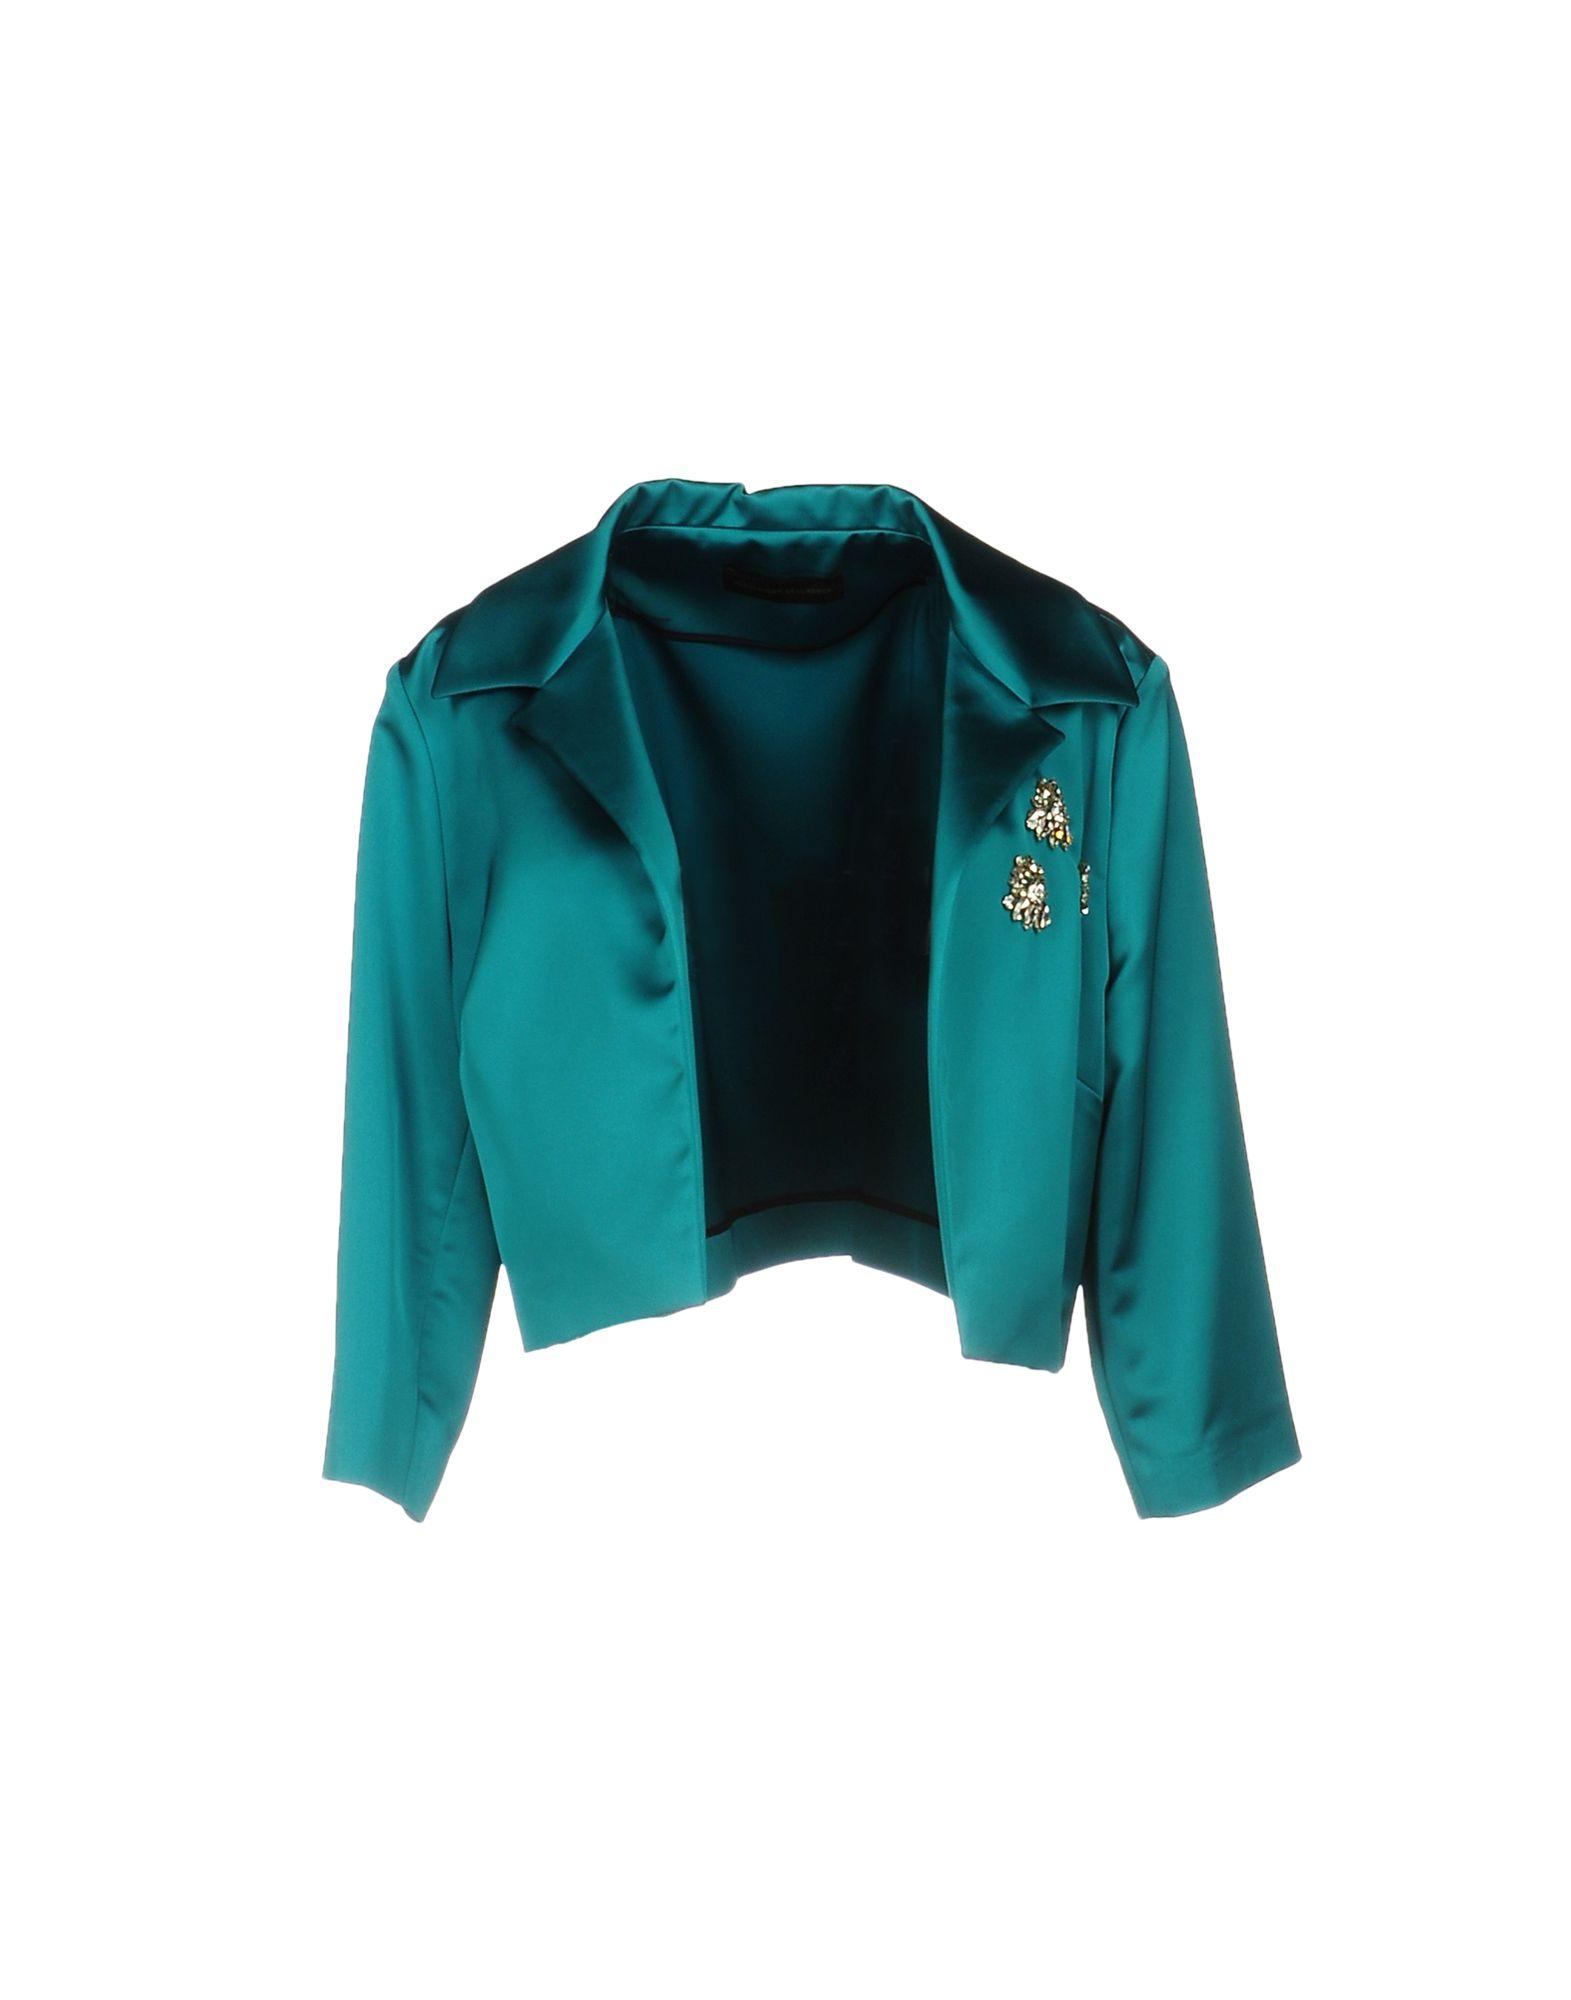 ALESSANDRO DELL'ACQUA Blazer in Emerald Green